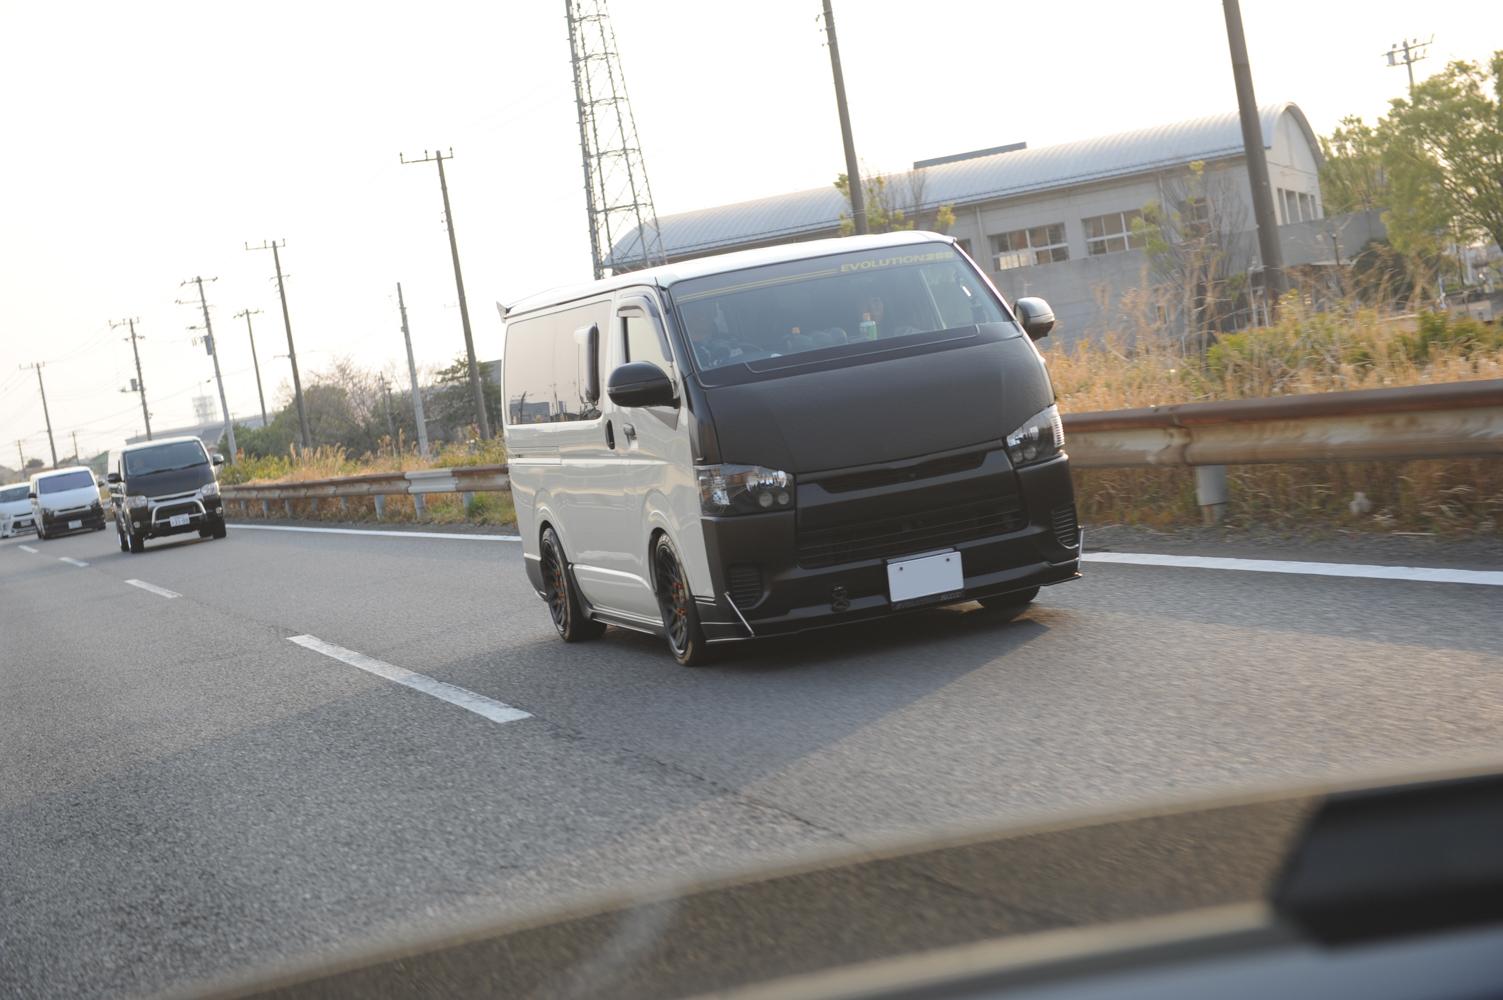 D7B_1092